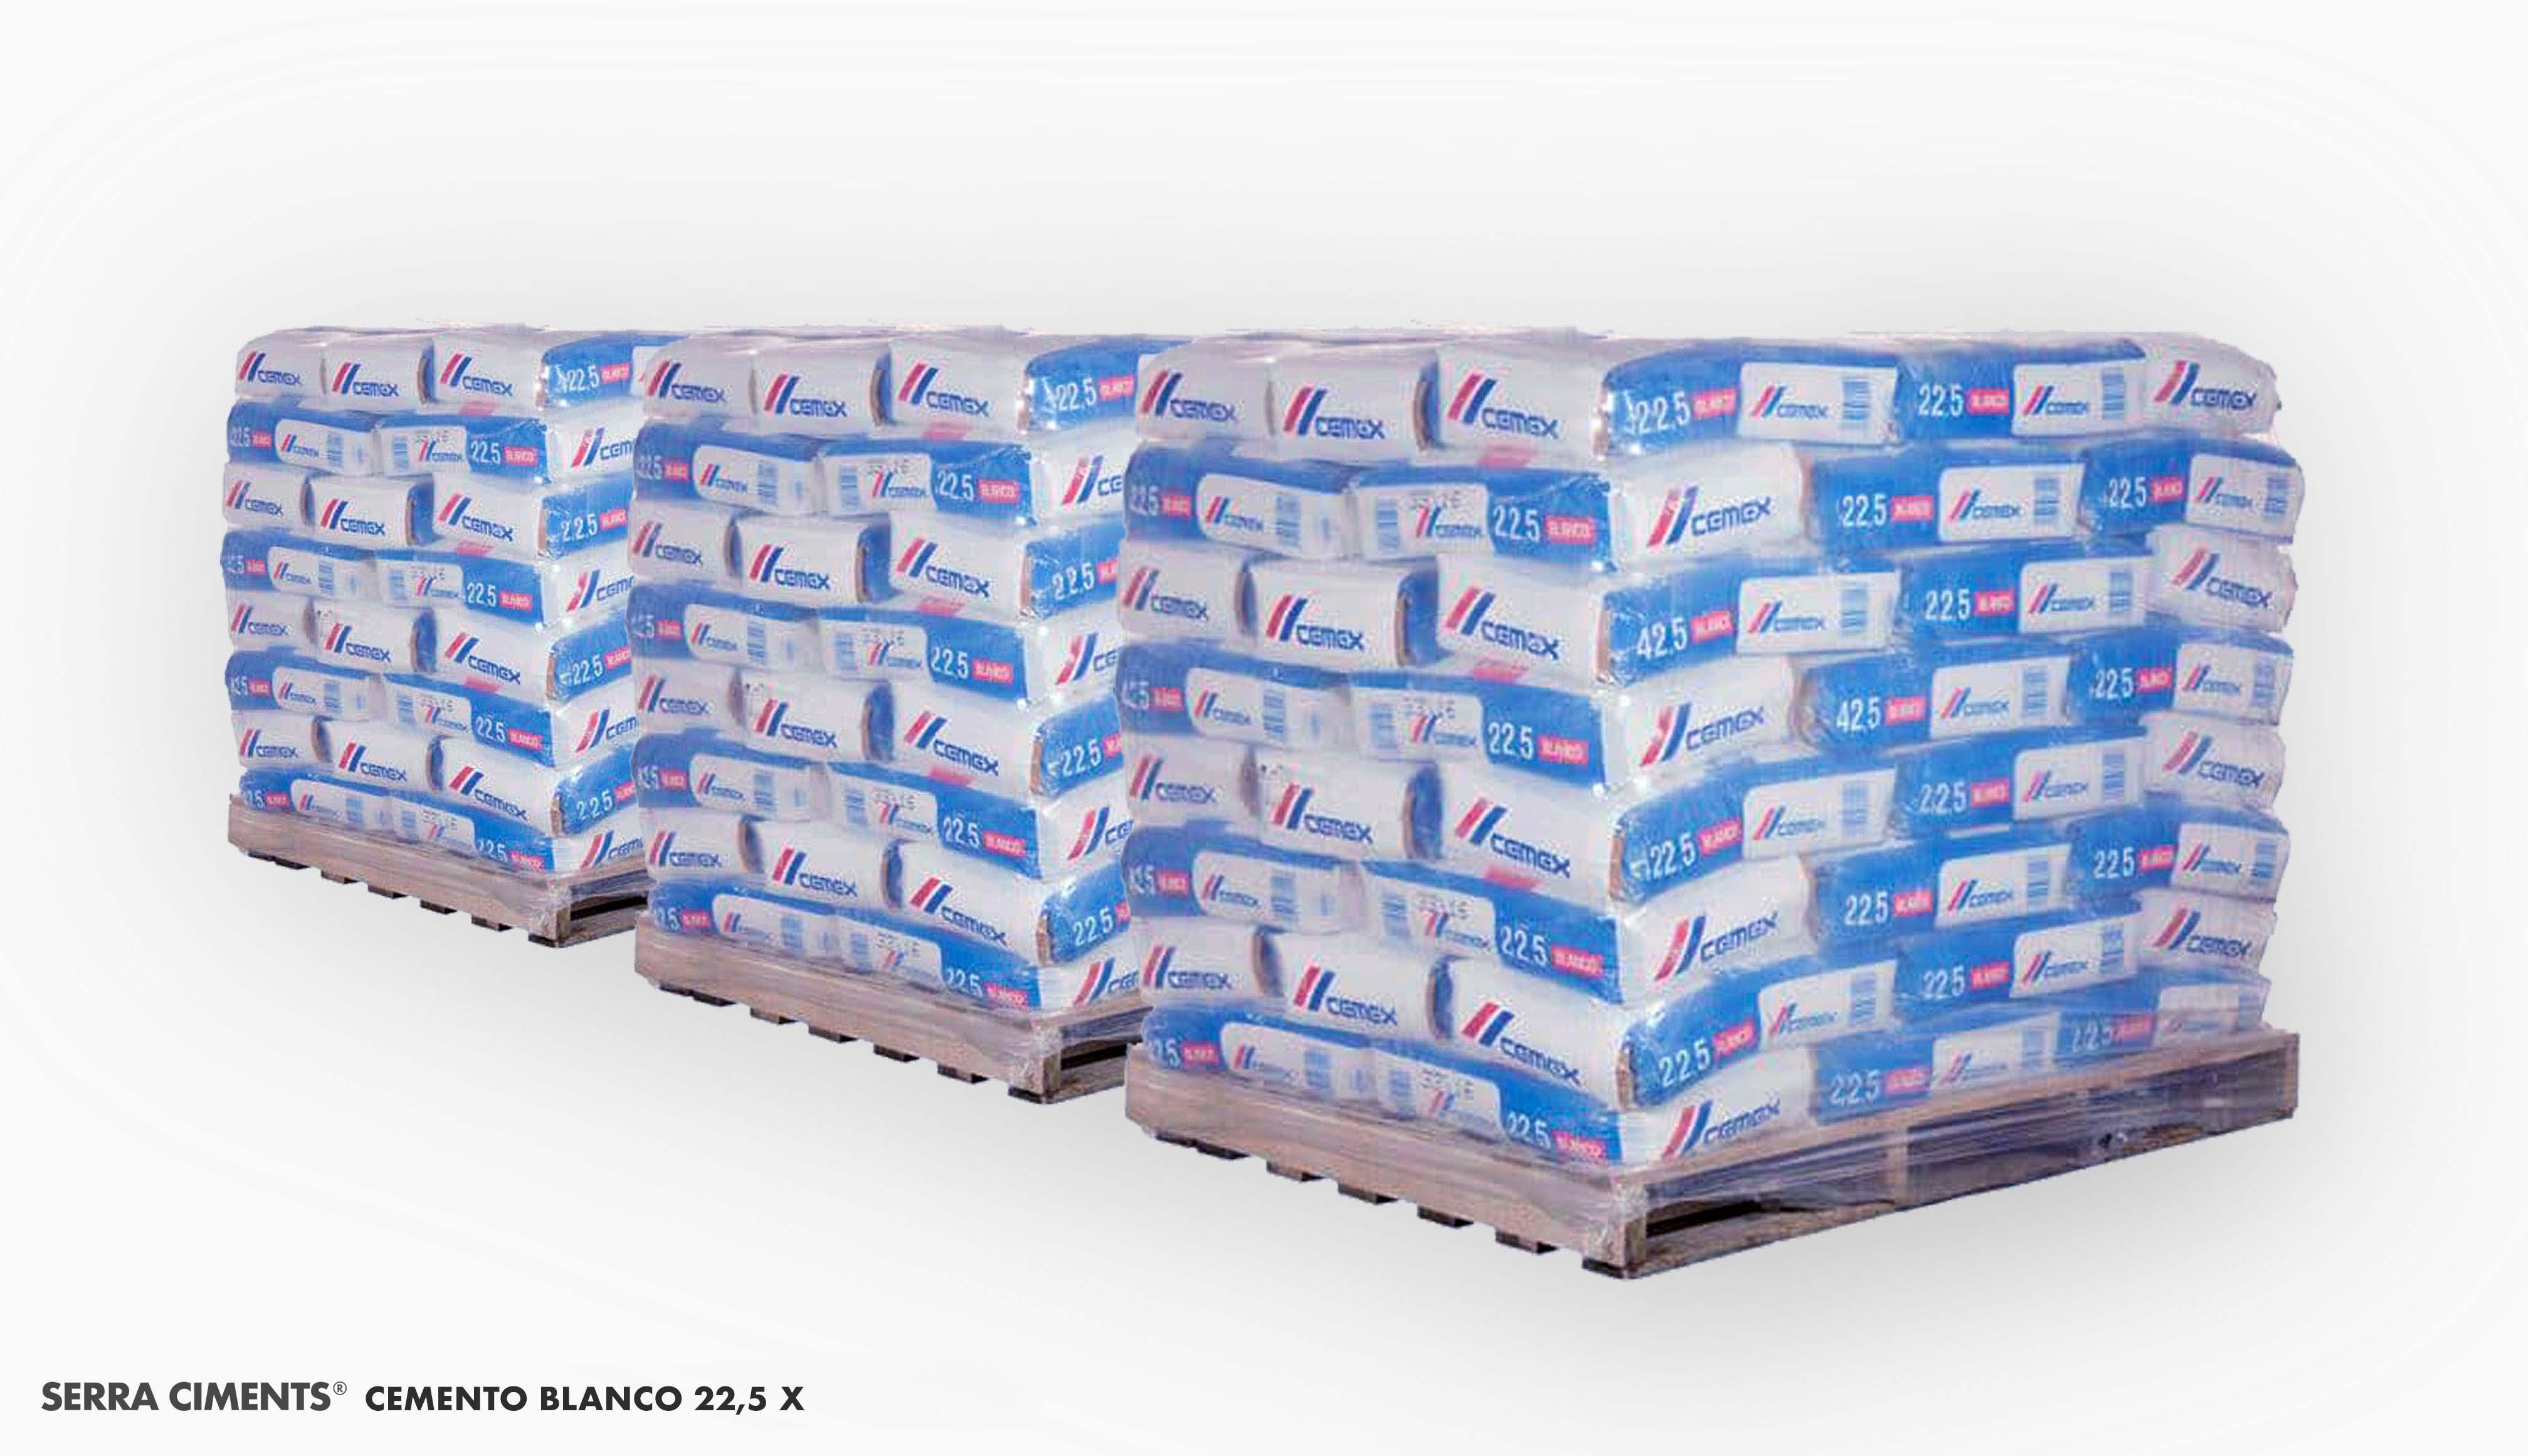 Cemento Blanco 22,5 X